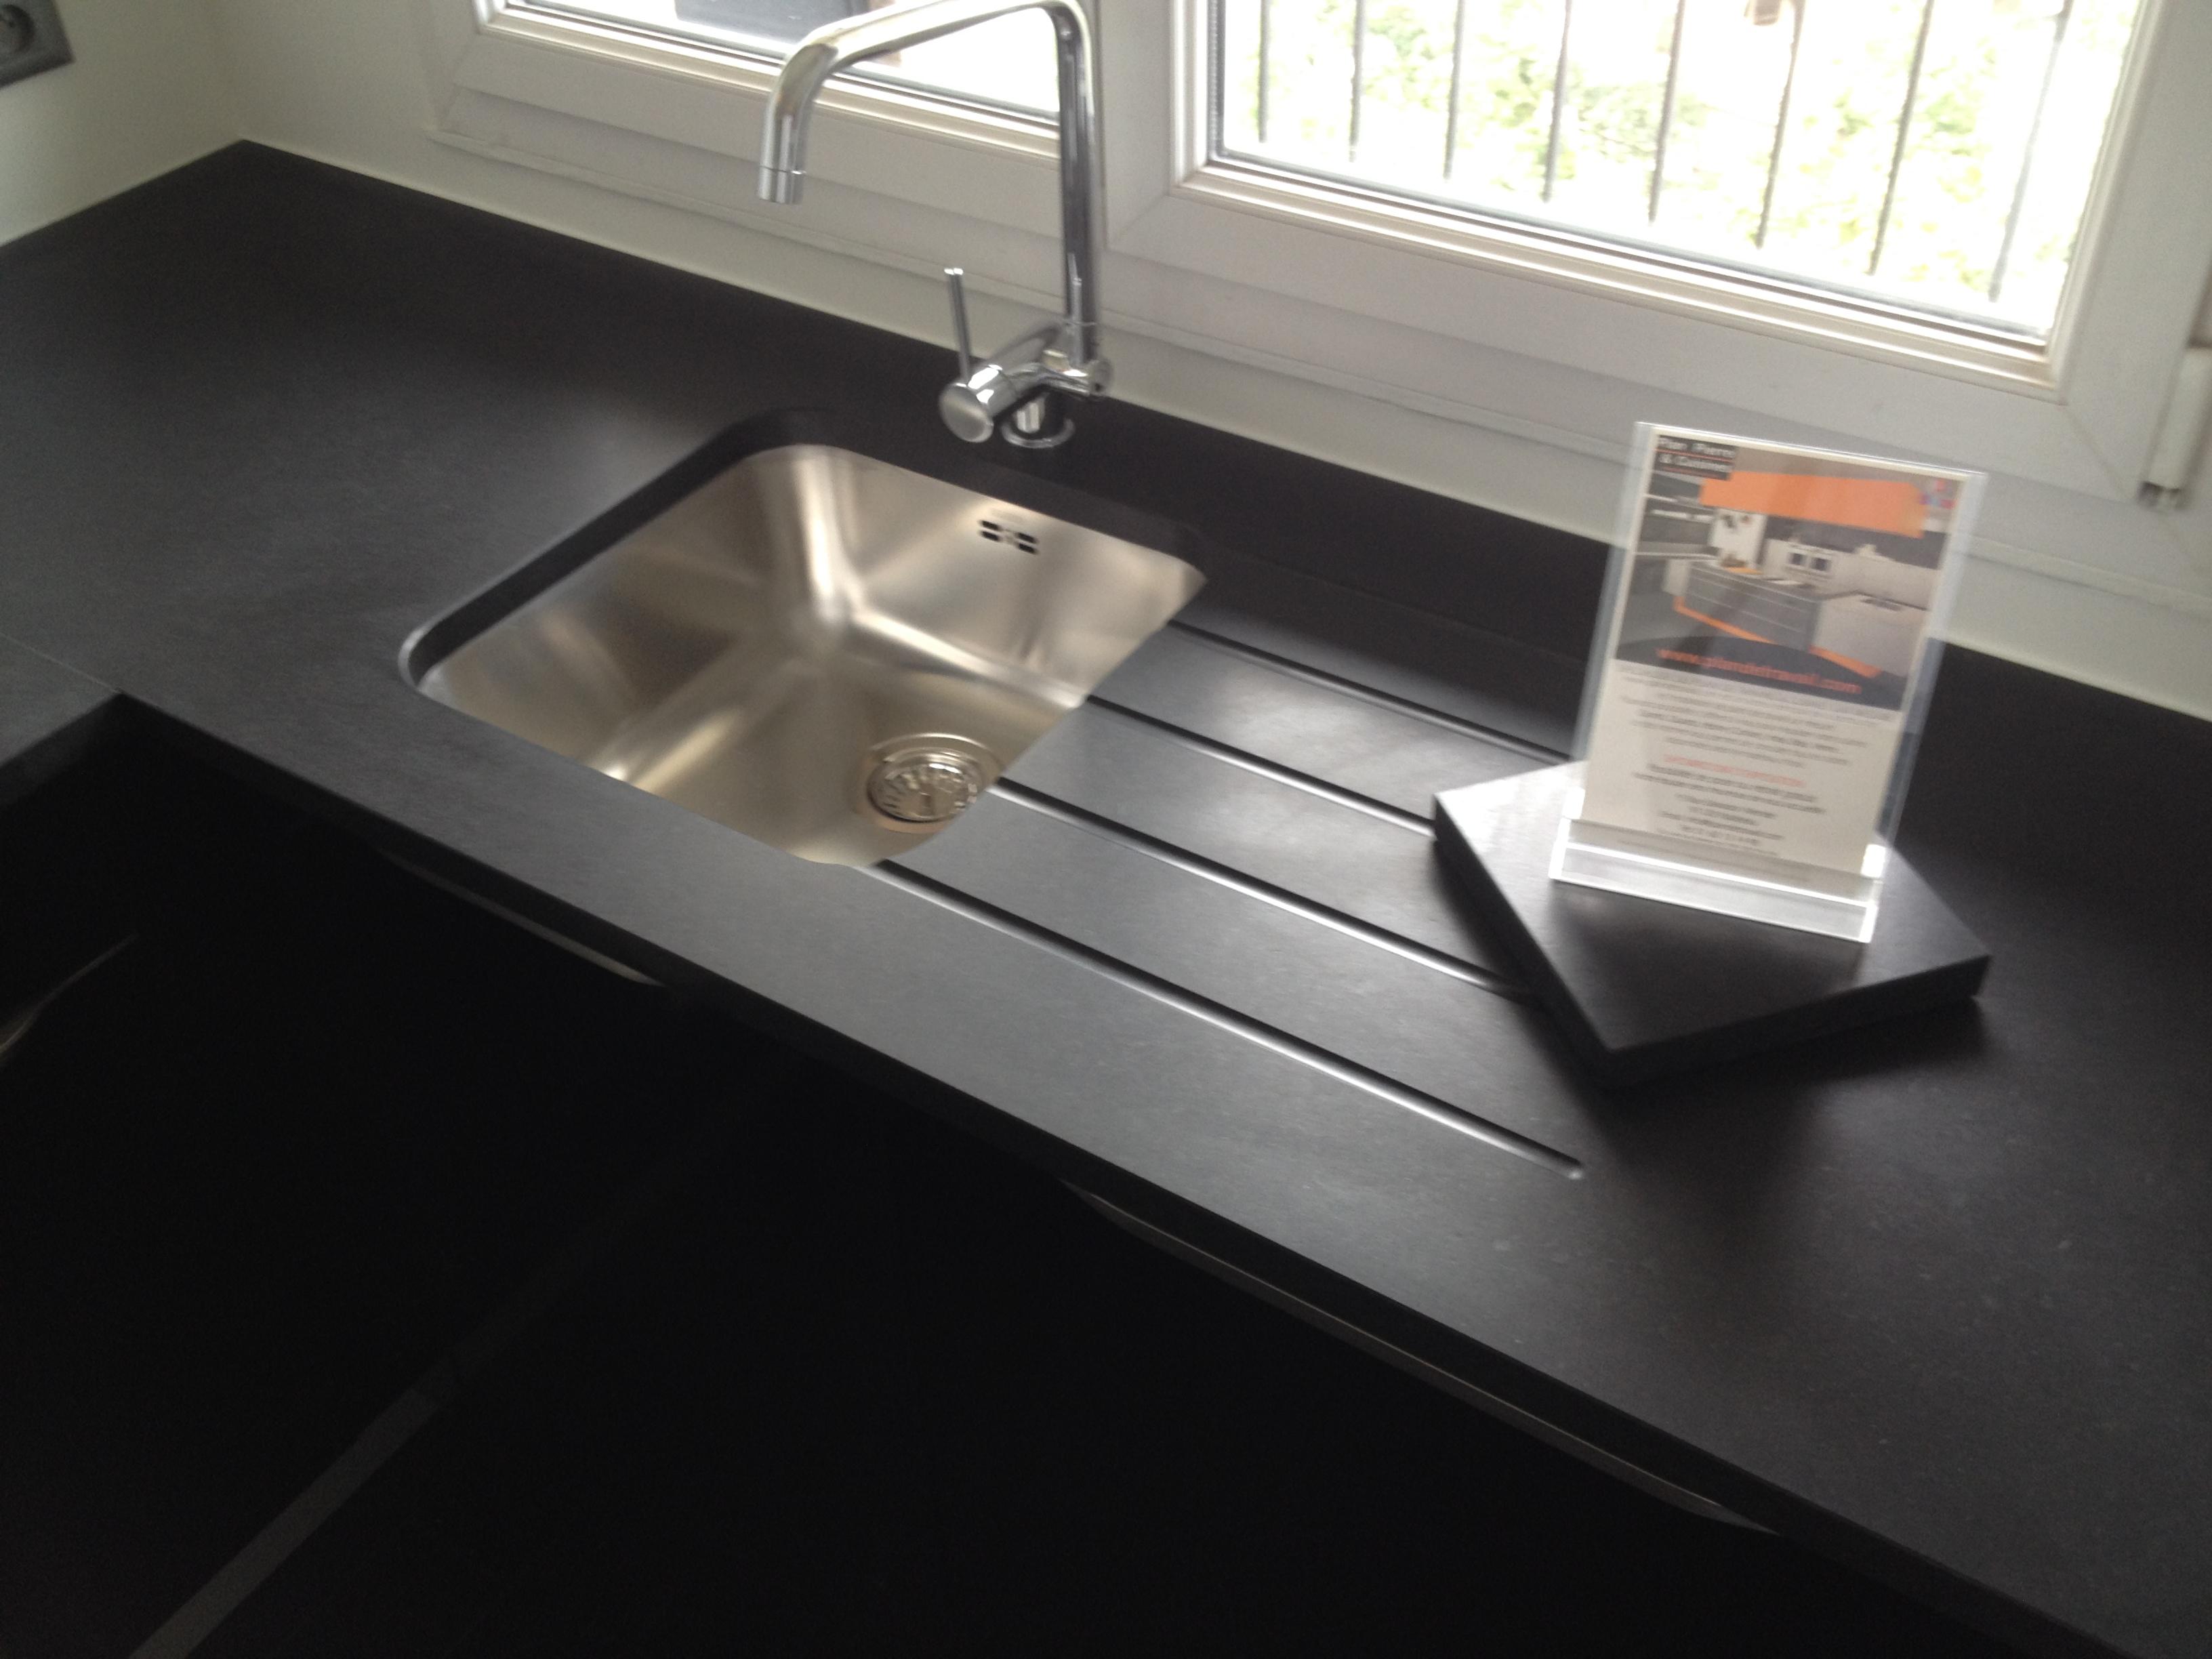 evier noir sur plan de travail noir. Black Bedroom Furniture Sets. Home Design Ideas